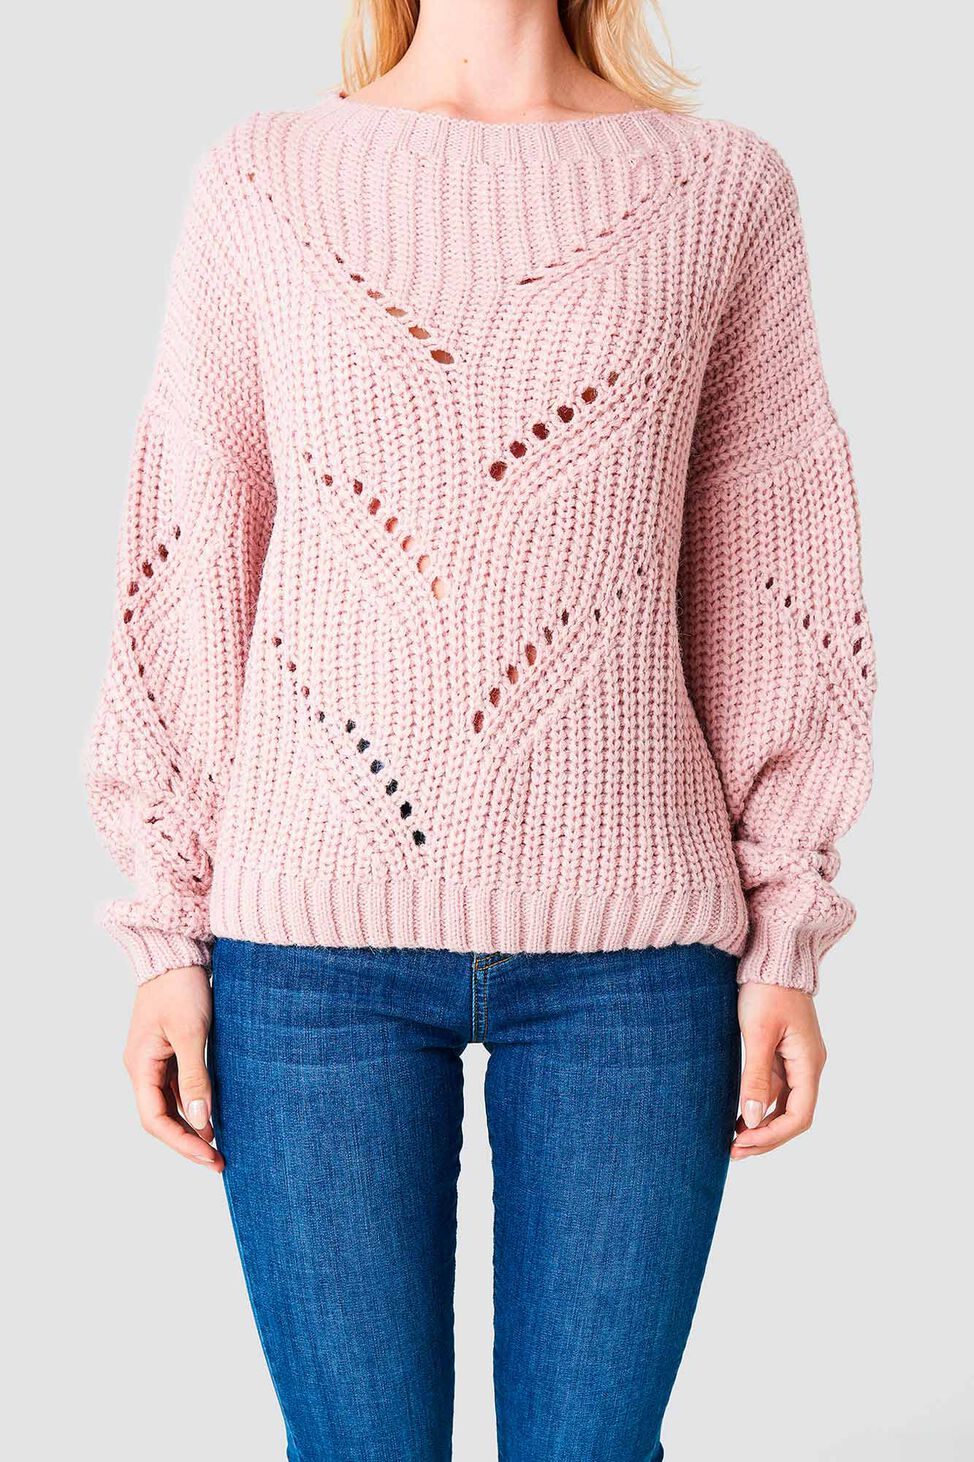 Hole Knit Sweater 1100-000849, PINK